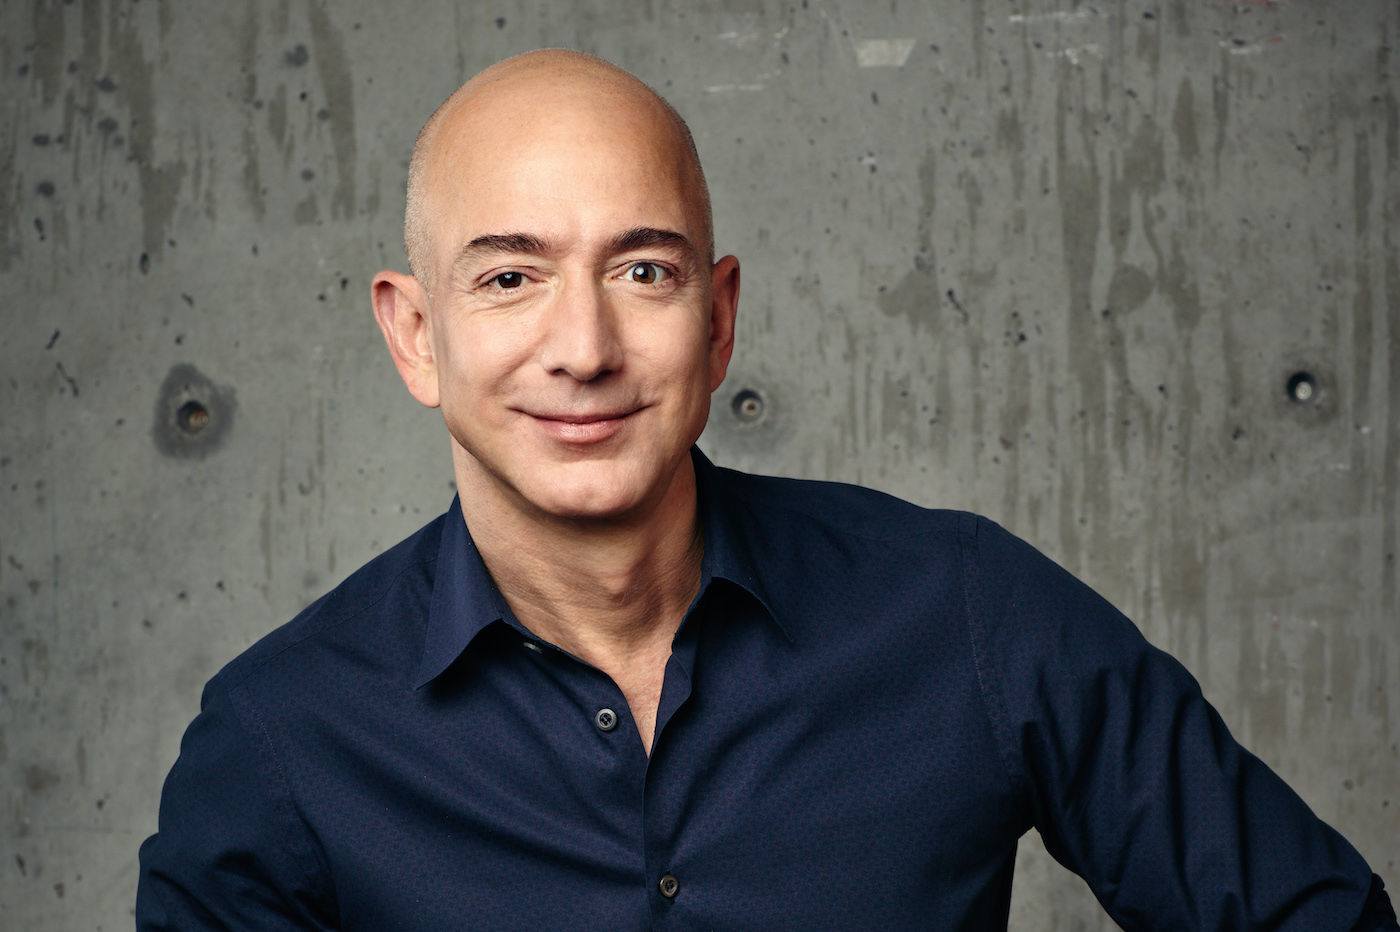 Amazon : les employés craignent que le projet secret Vesta soit un fiasco - Presse-citron